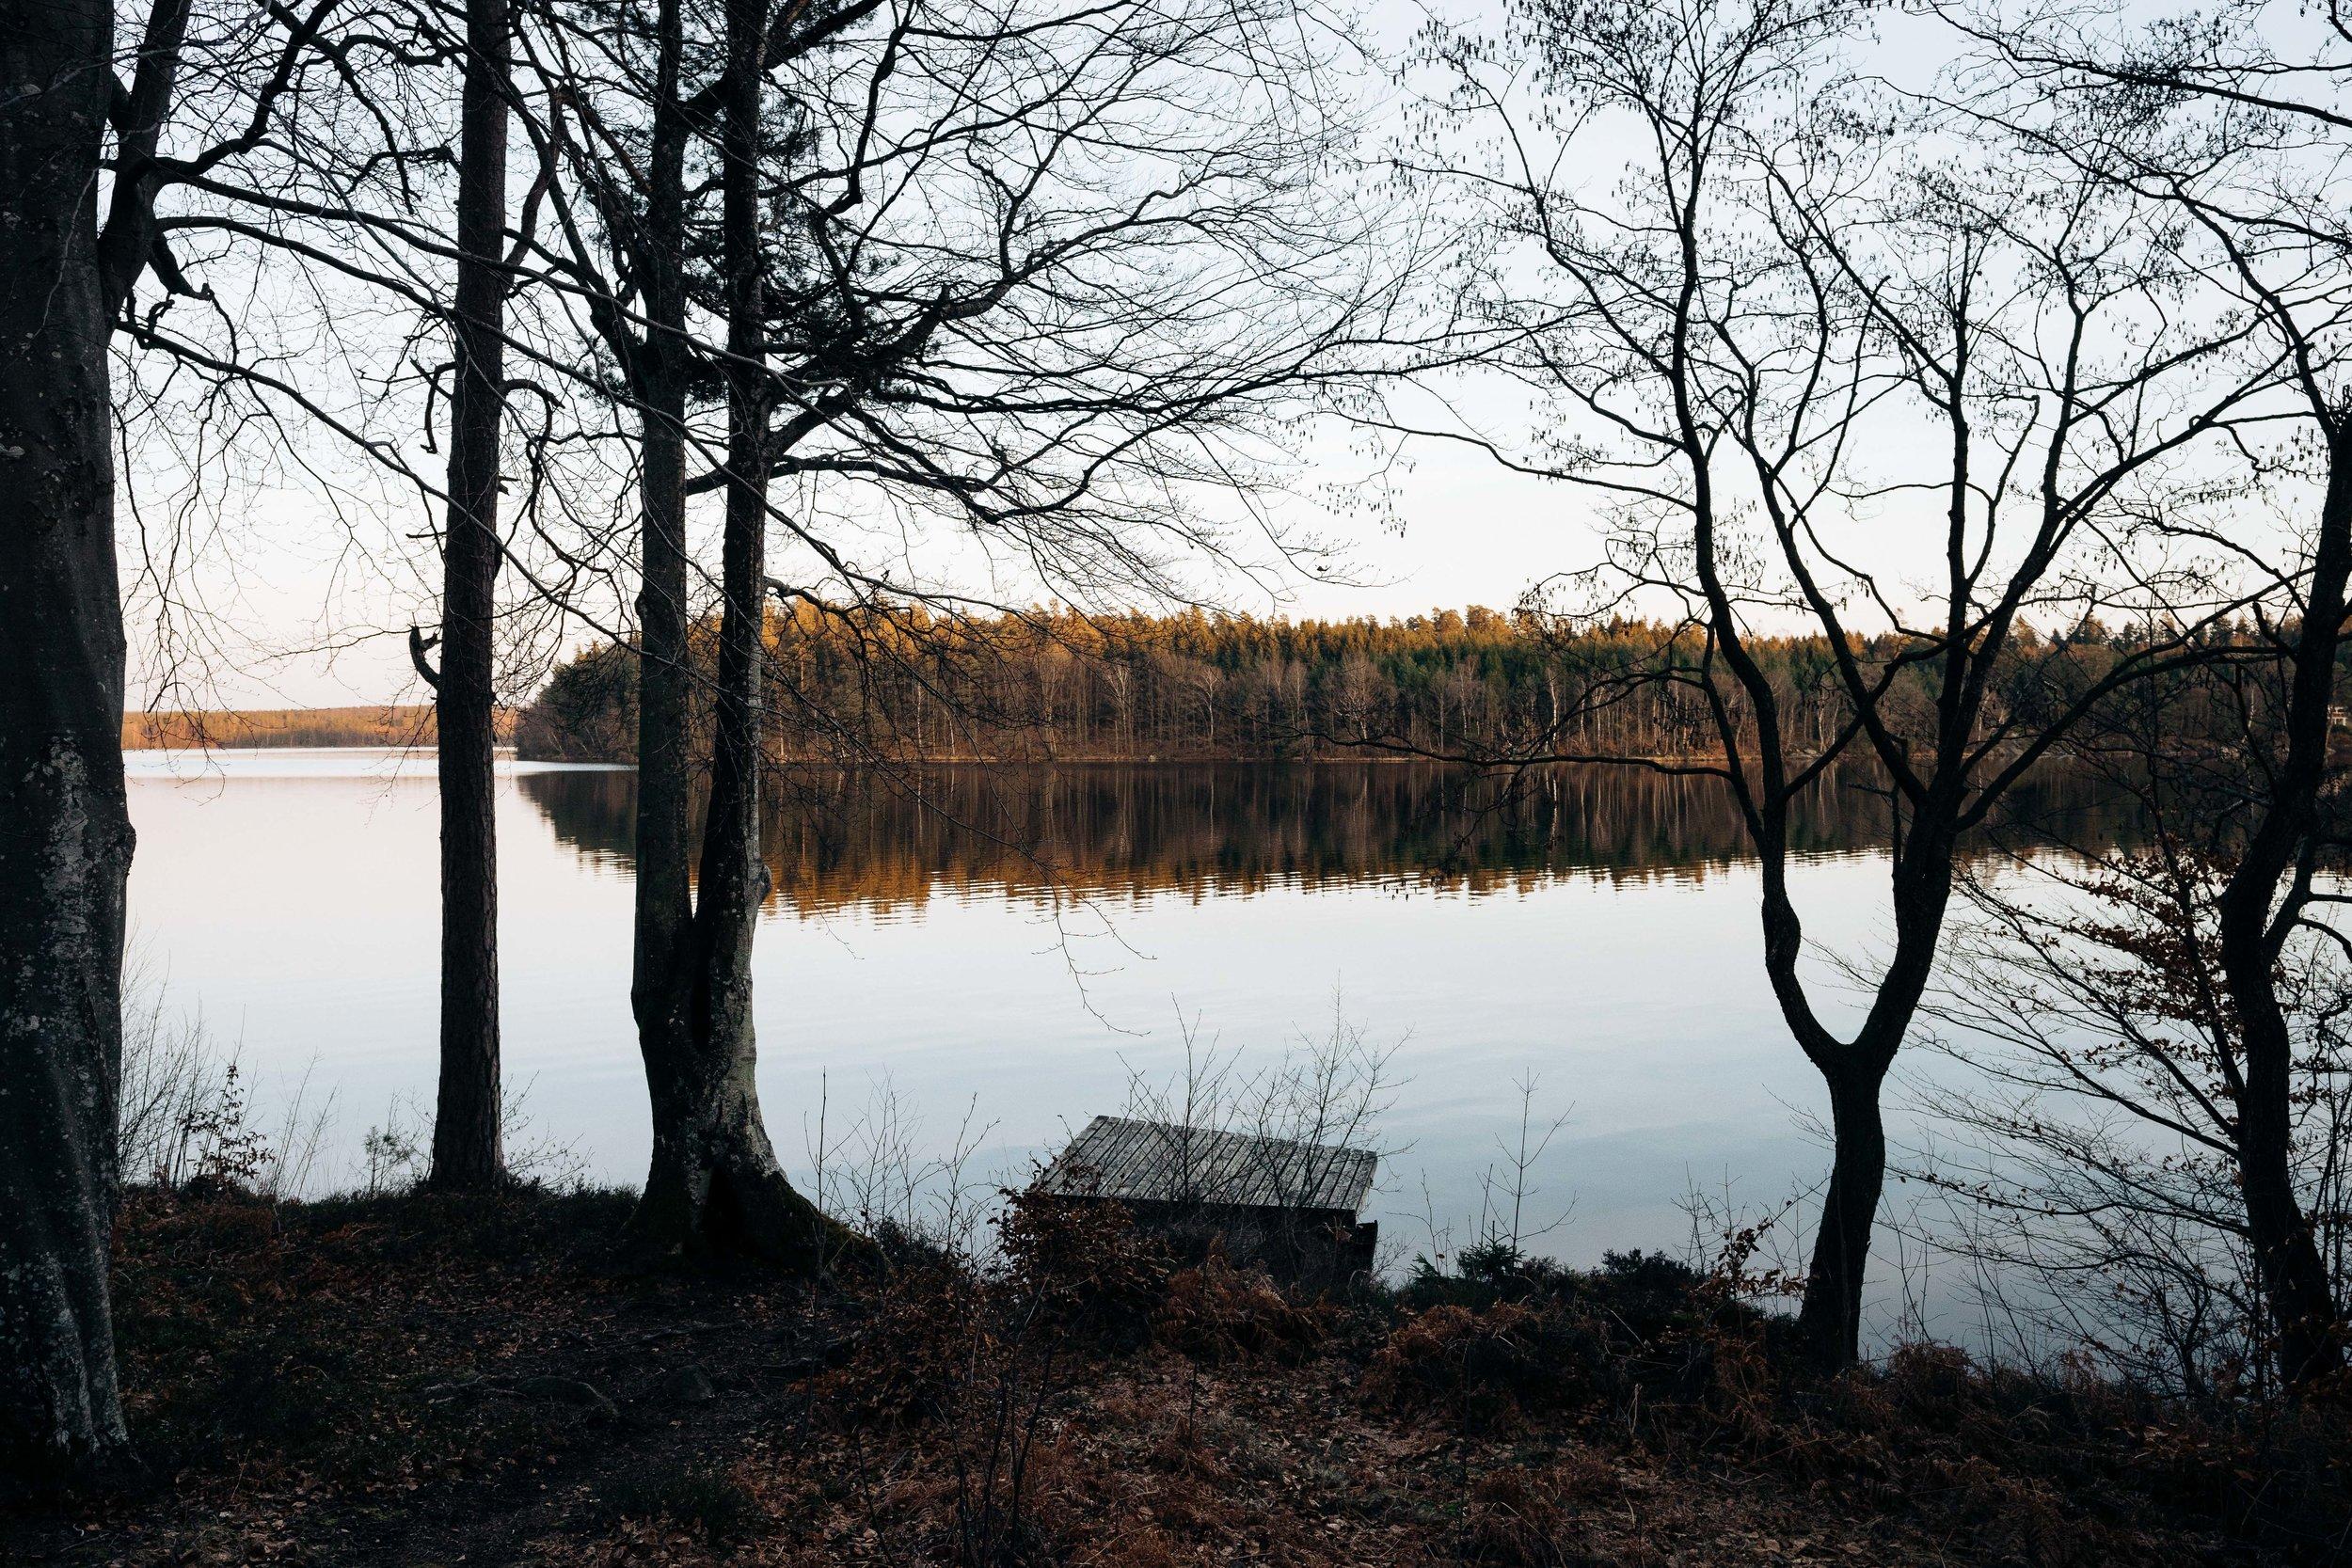 ASROSENVINGE_VIPP_Shelter_Immeln_Sweden-02593.jpg